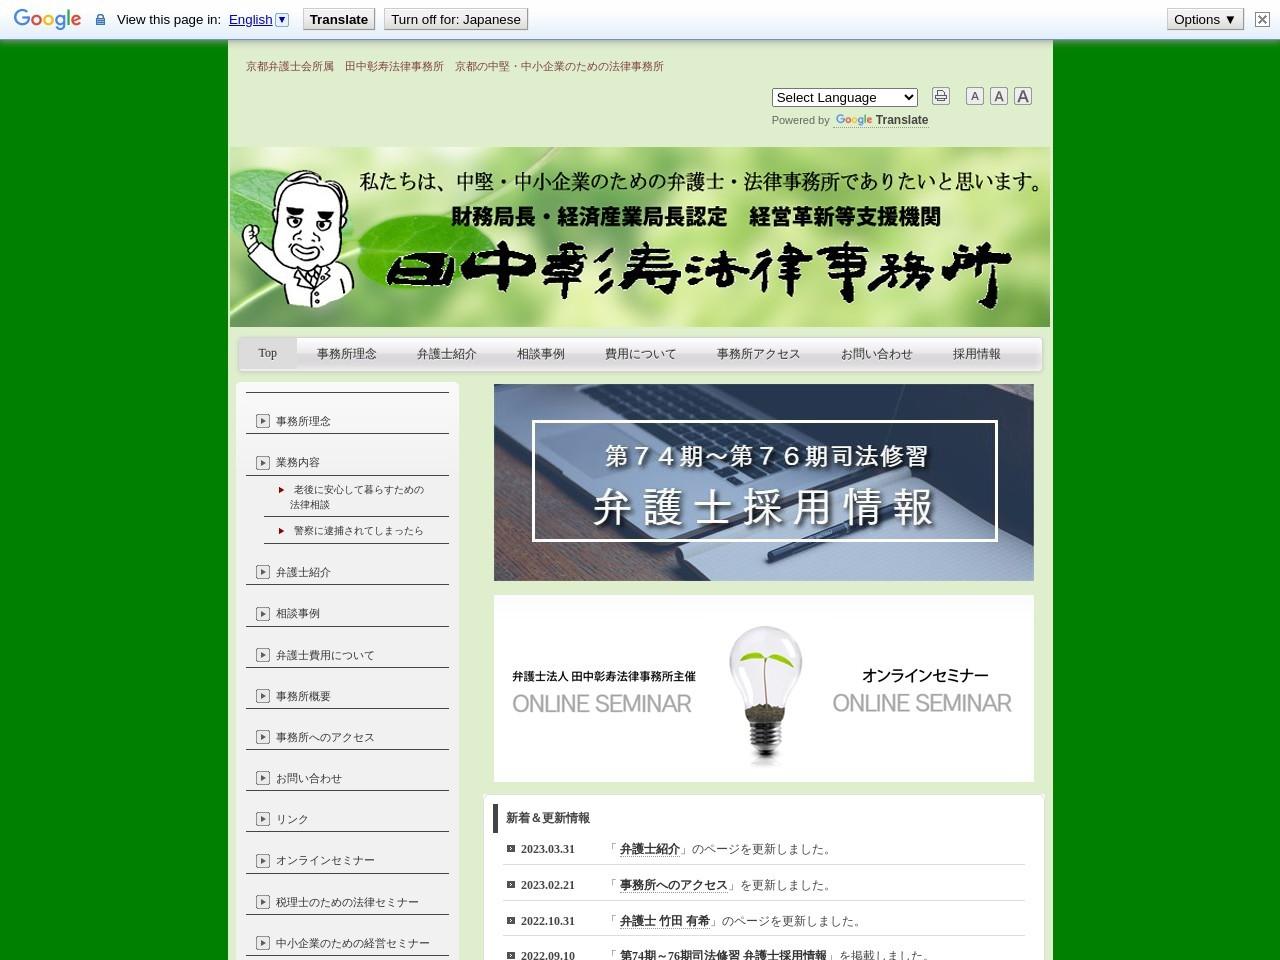 田中彰寿法律事務所(弁護士法人)